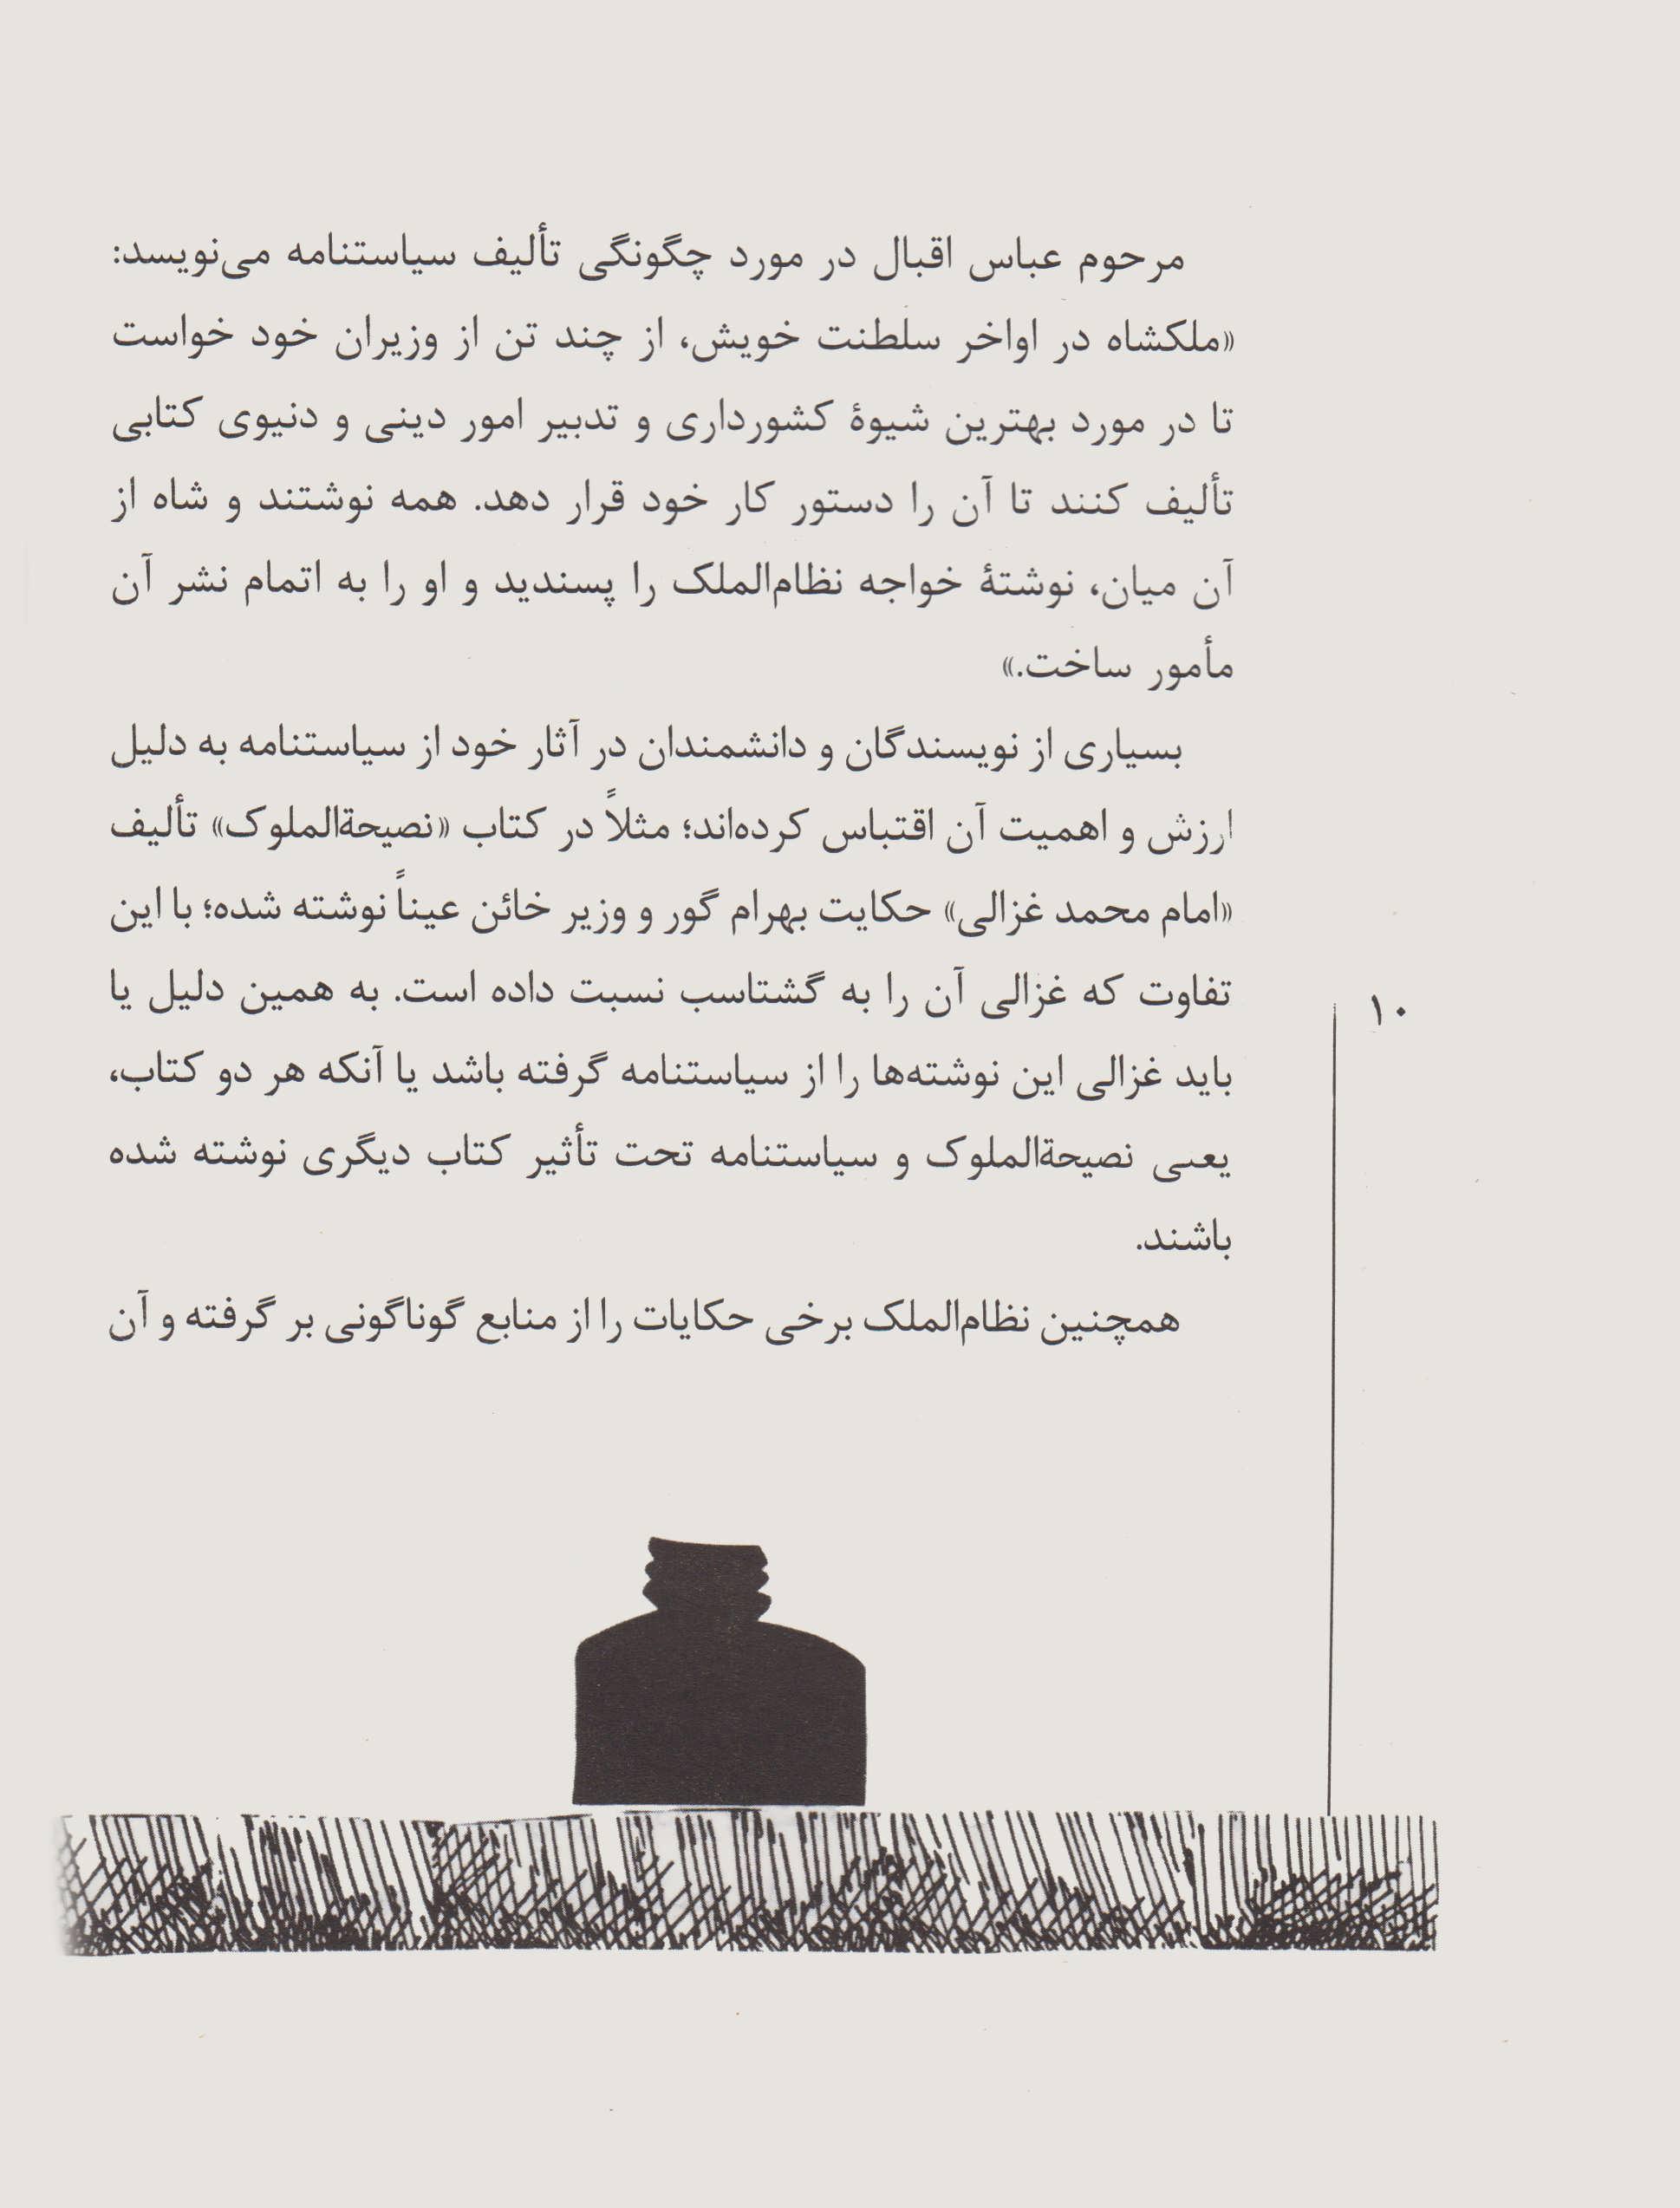 قصه های شیرین سیاست نامه (خواجه نظام الملک)،(تازه هایی از ادبیات کهن برای نوجوانان)